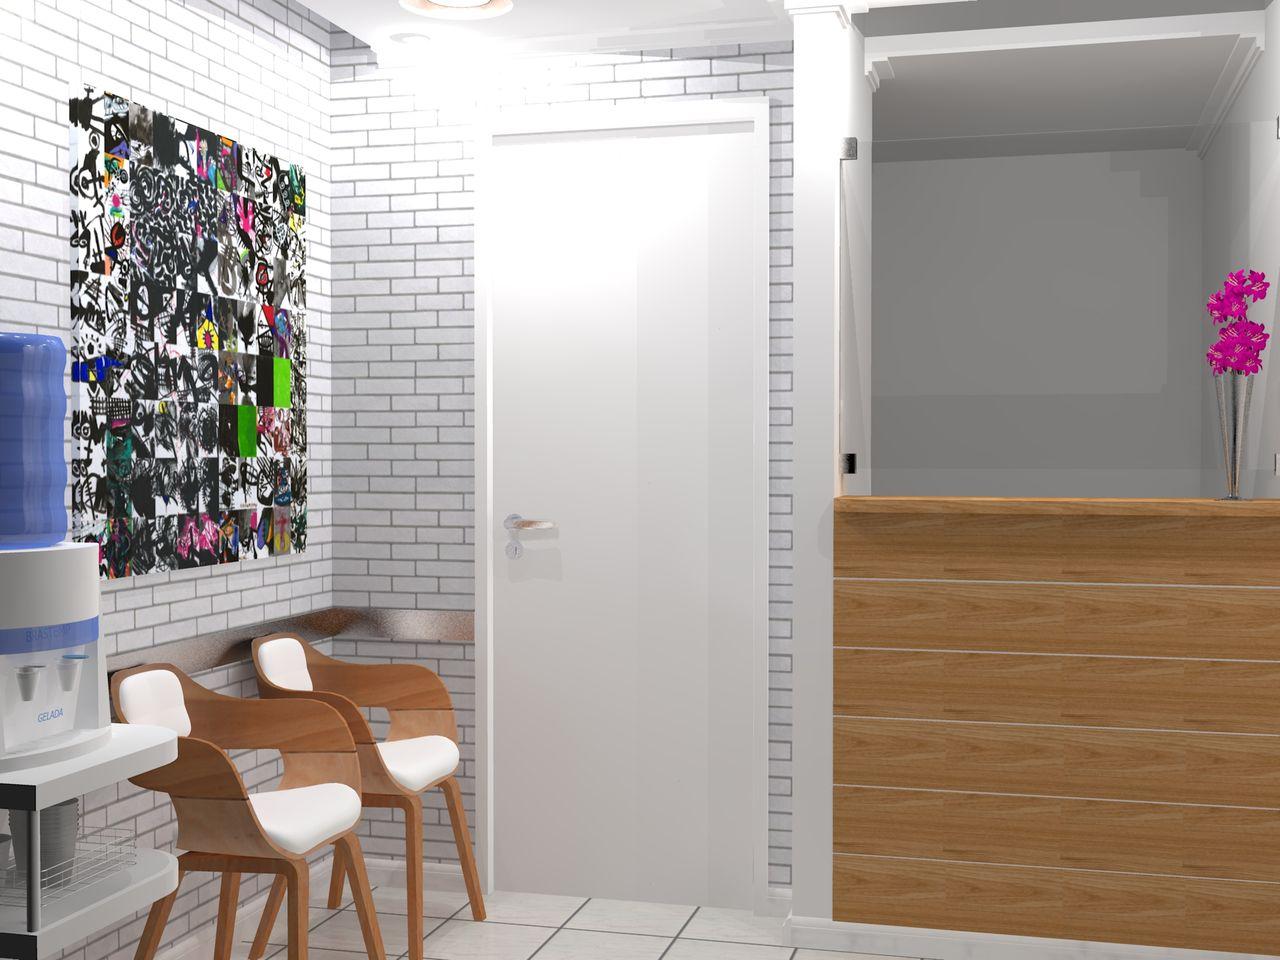 Quadro Para Sala Pequena Sala Pequena Apartamento Pequeno M Paredes